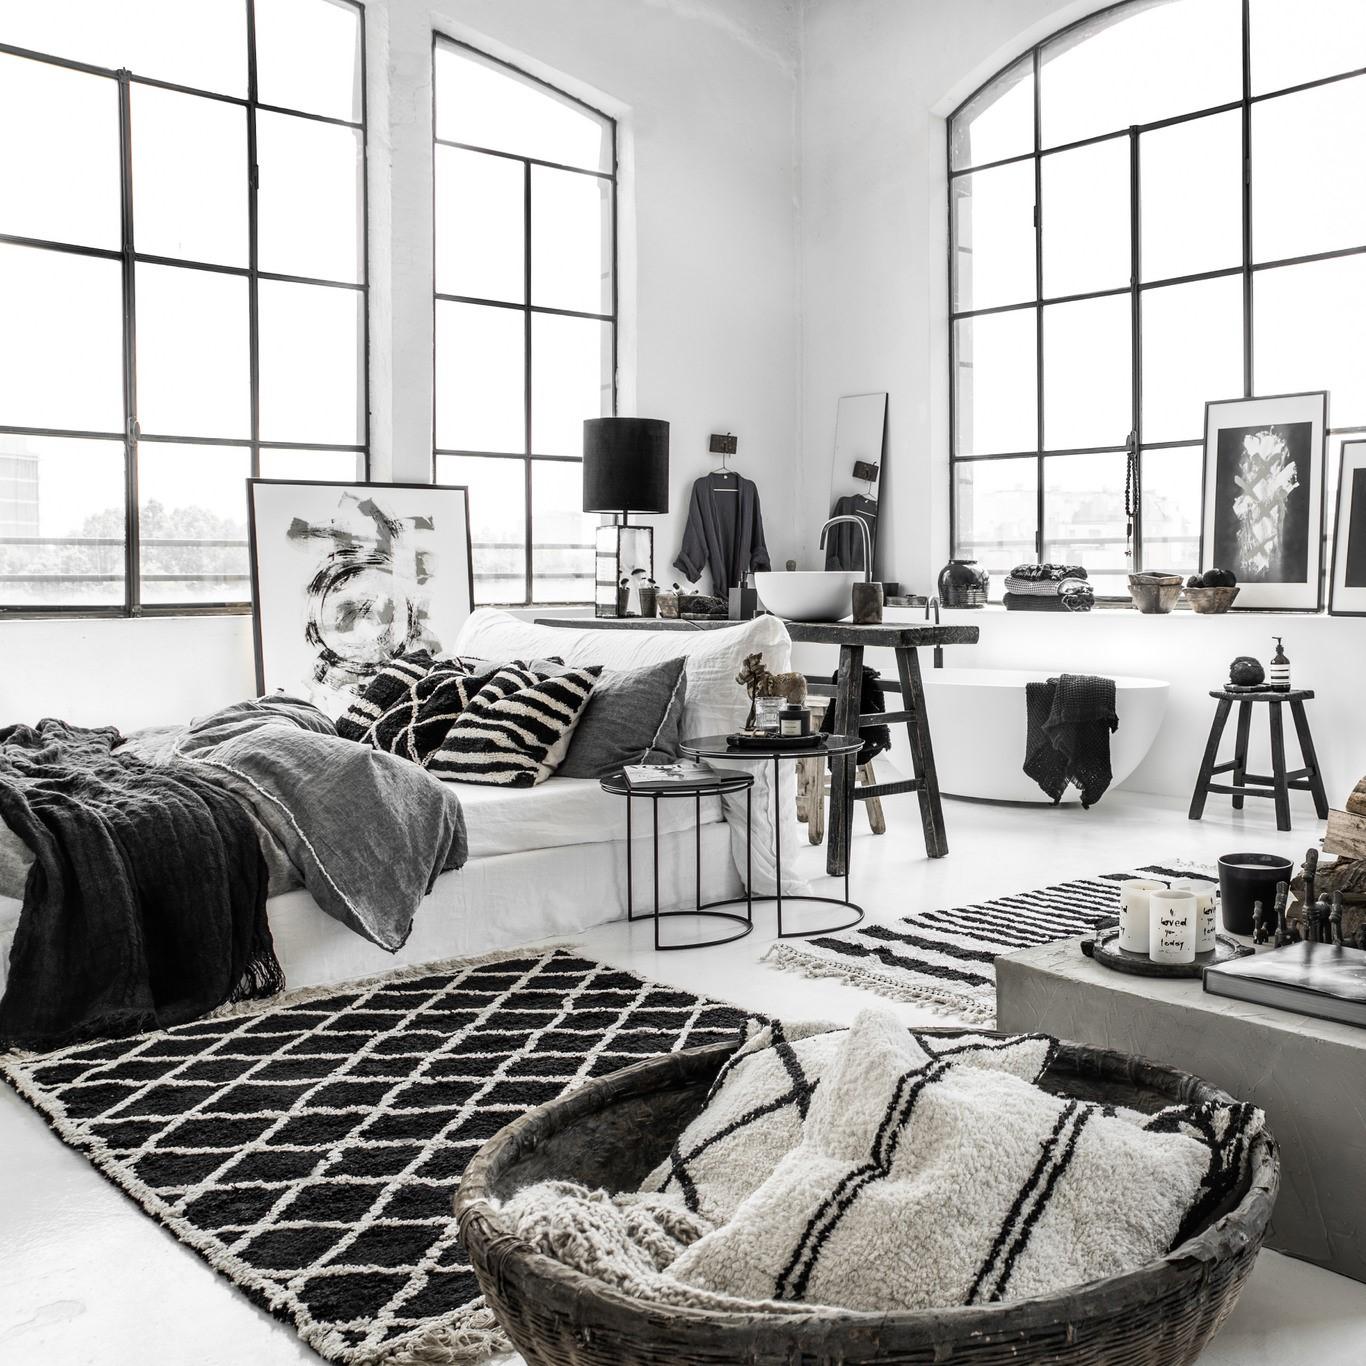 Tete De Lit Orientale Maison Du Monde https://www.ruedeladeco/decoration-petits-prix 2020-02